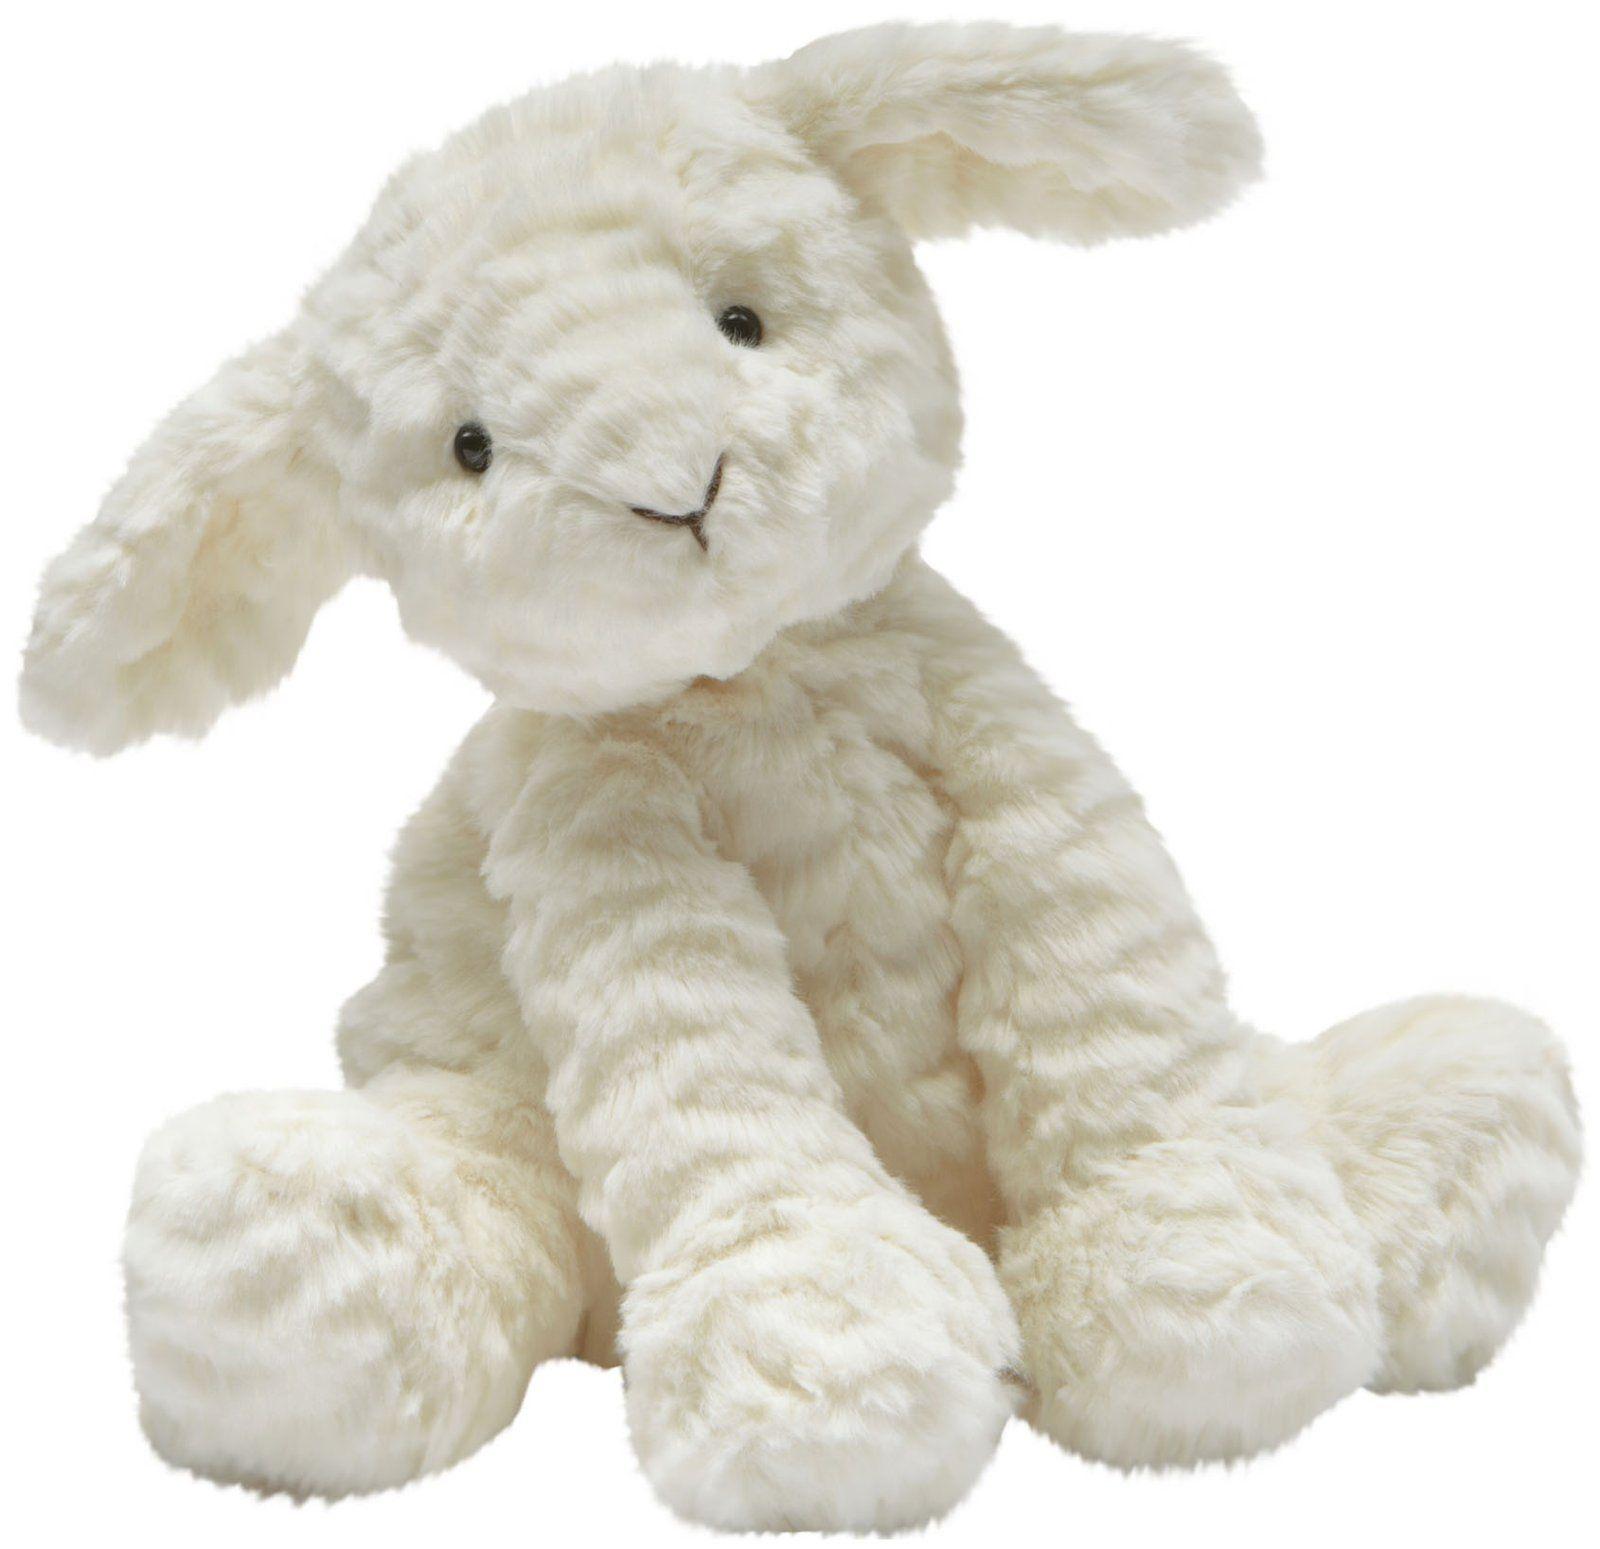 Jellycat Fuddlewuddle Lamb Medium 10 Free Shipping Lamb Stuffed Animal Cute Stuffed Animals Baby Lamb